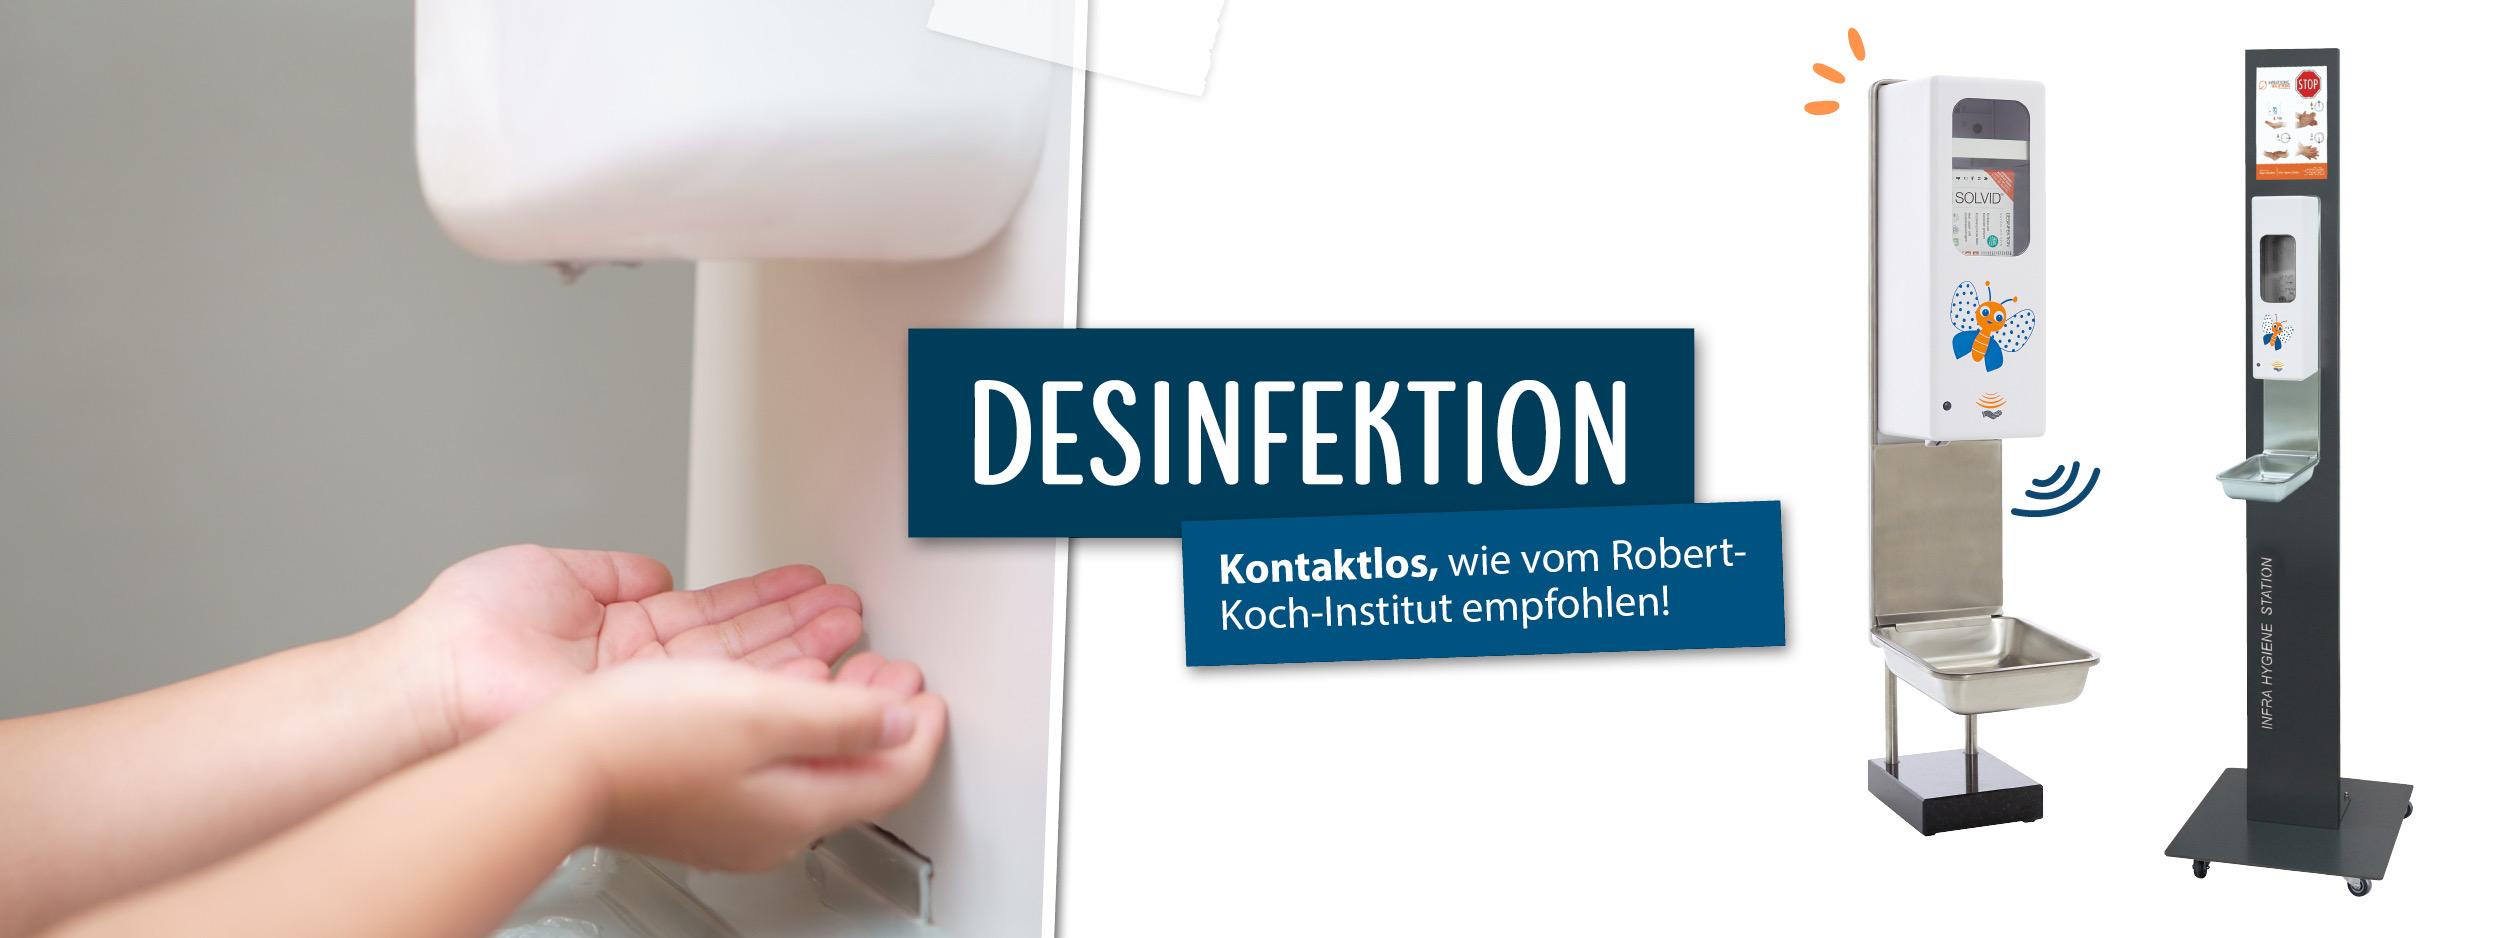 AUREDNIK - Hygiene & Desinfektion